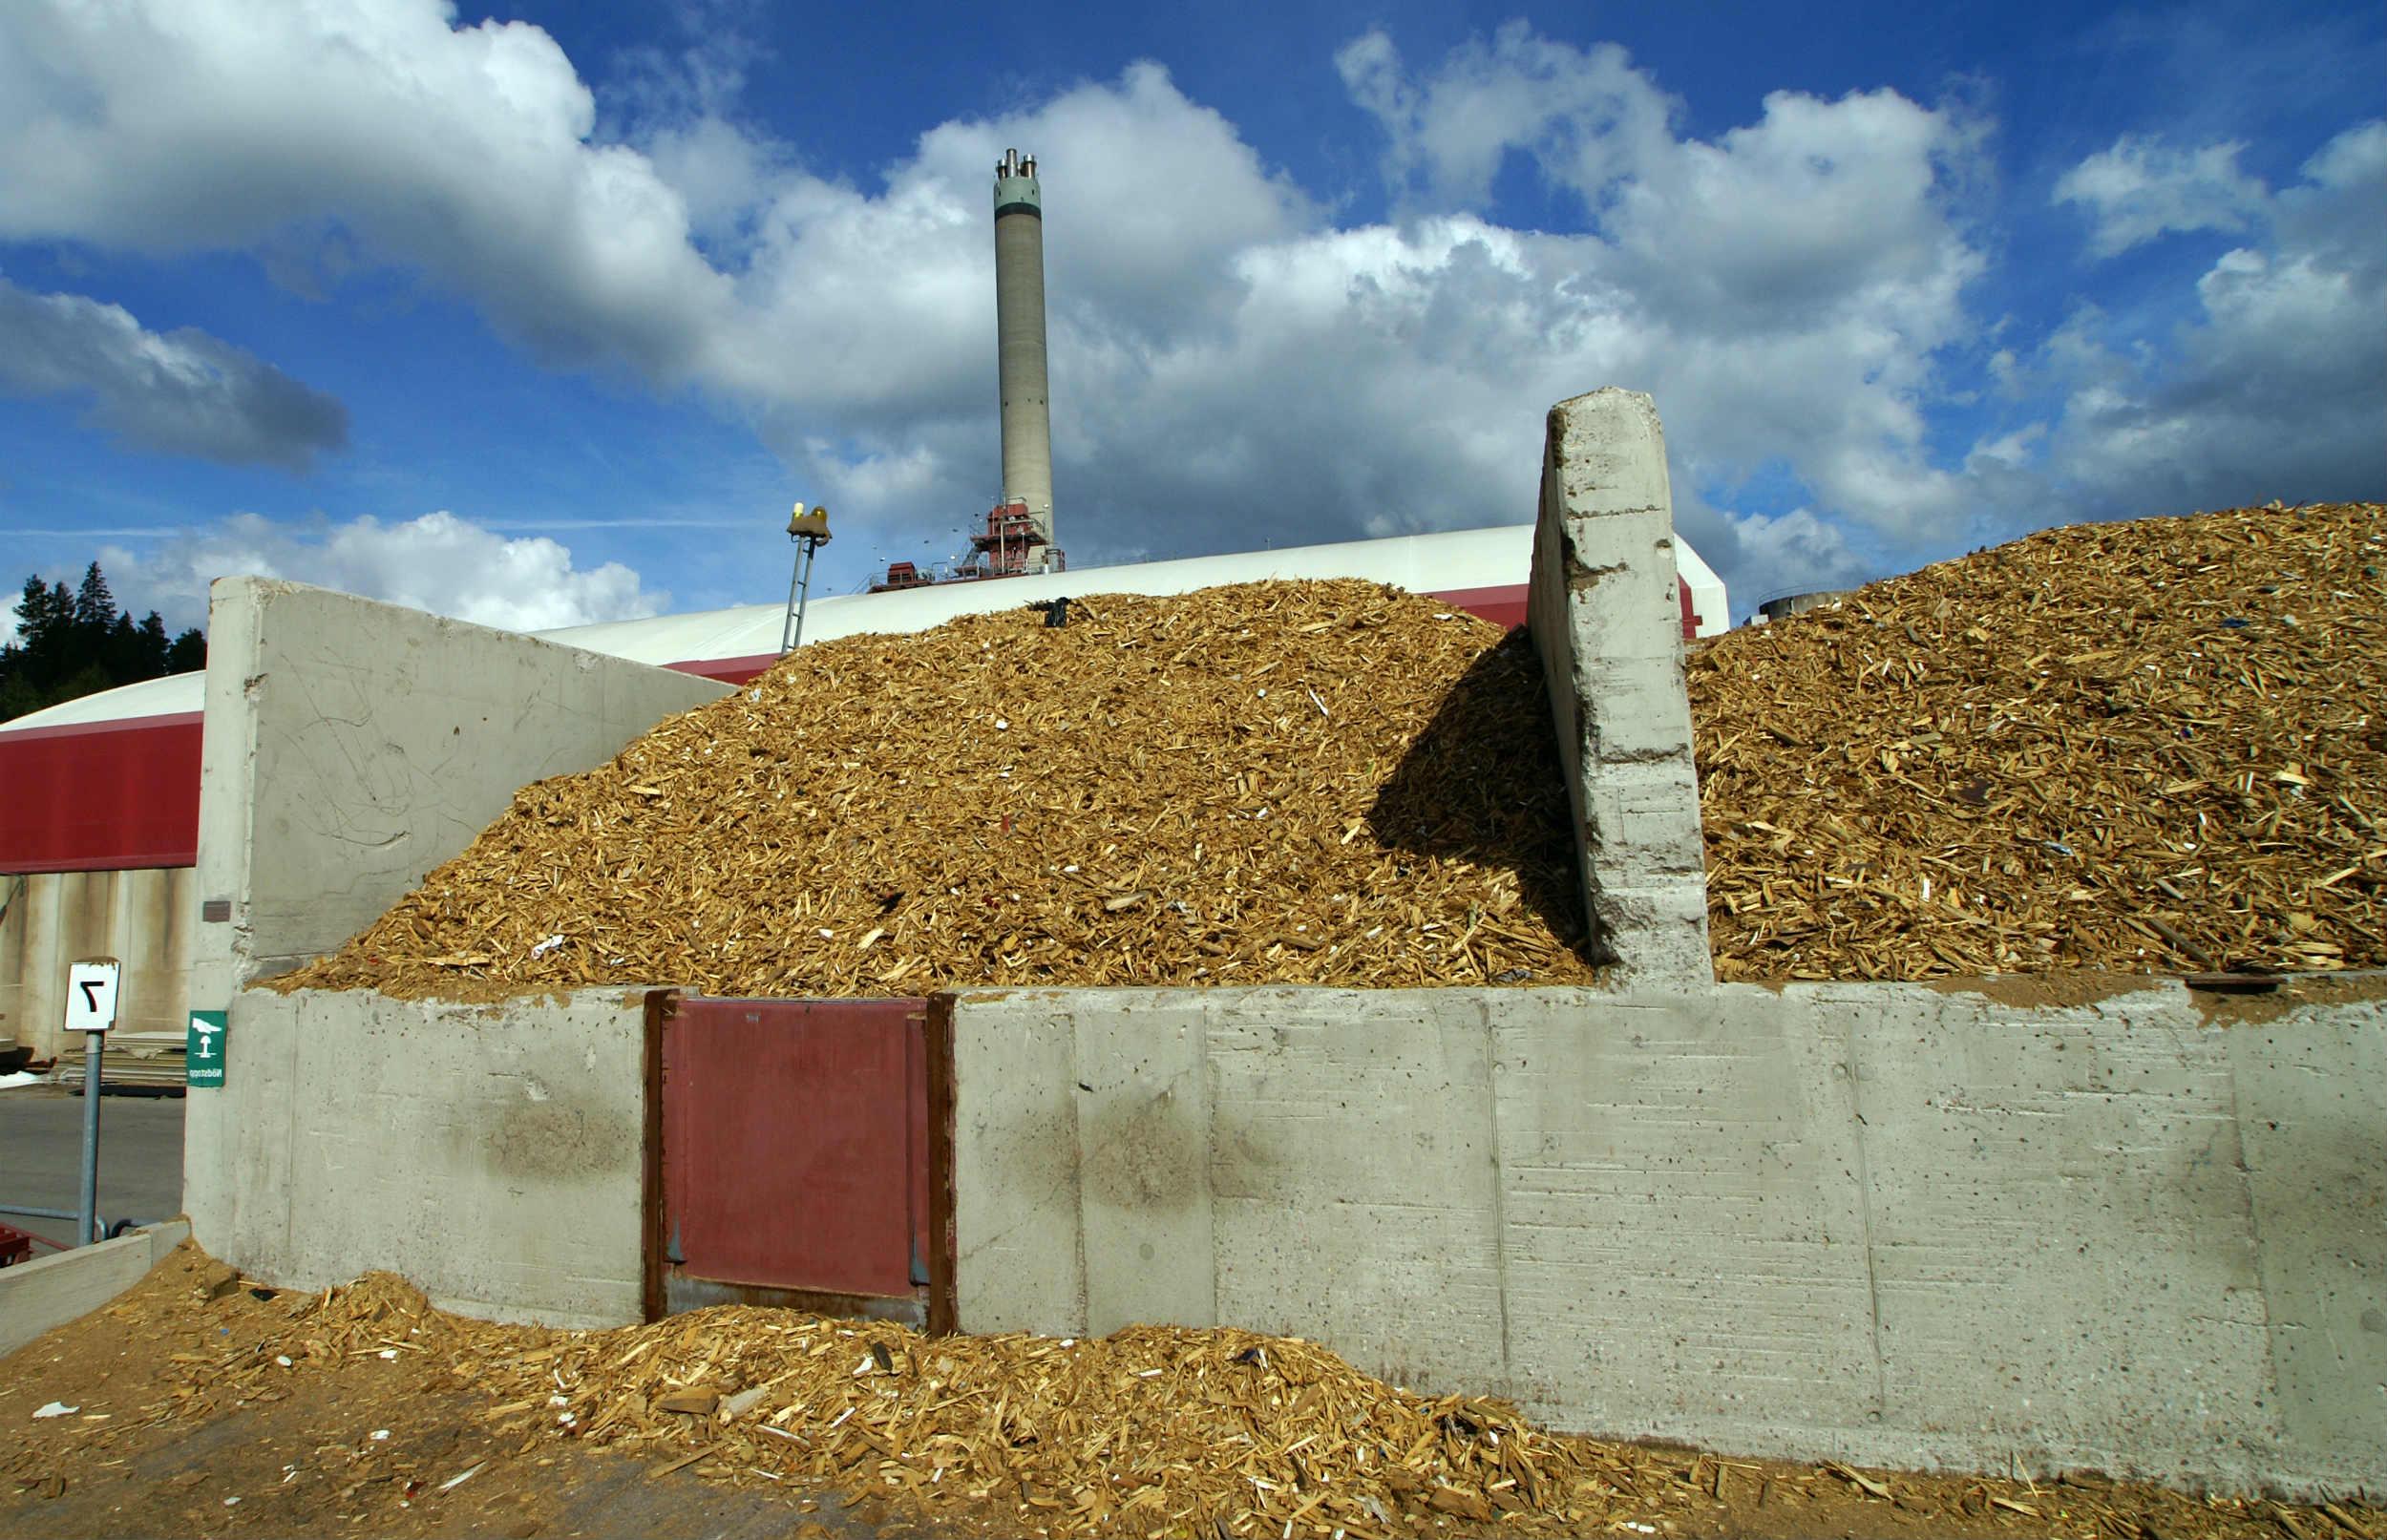 Hvad er biomasse? Og hvorfor løser det ikke vores klimaproblemer?